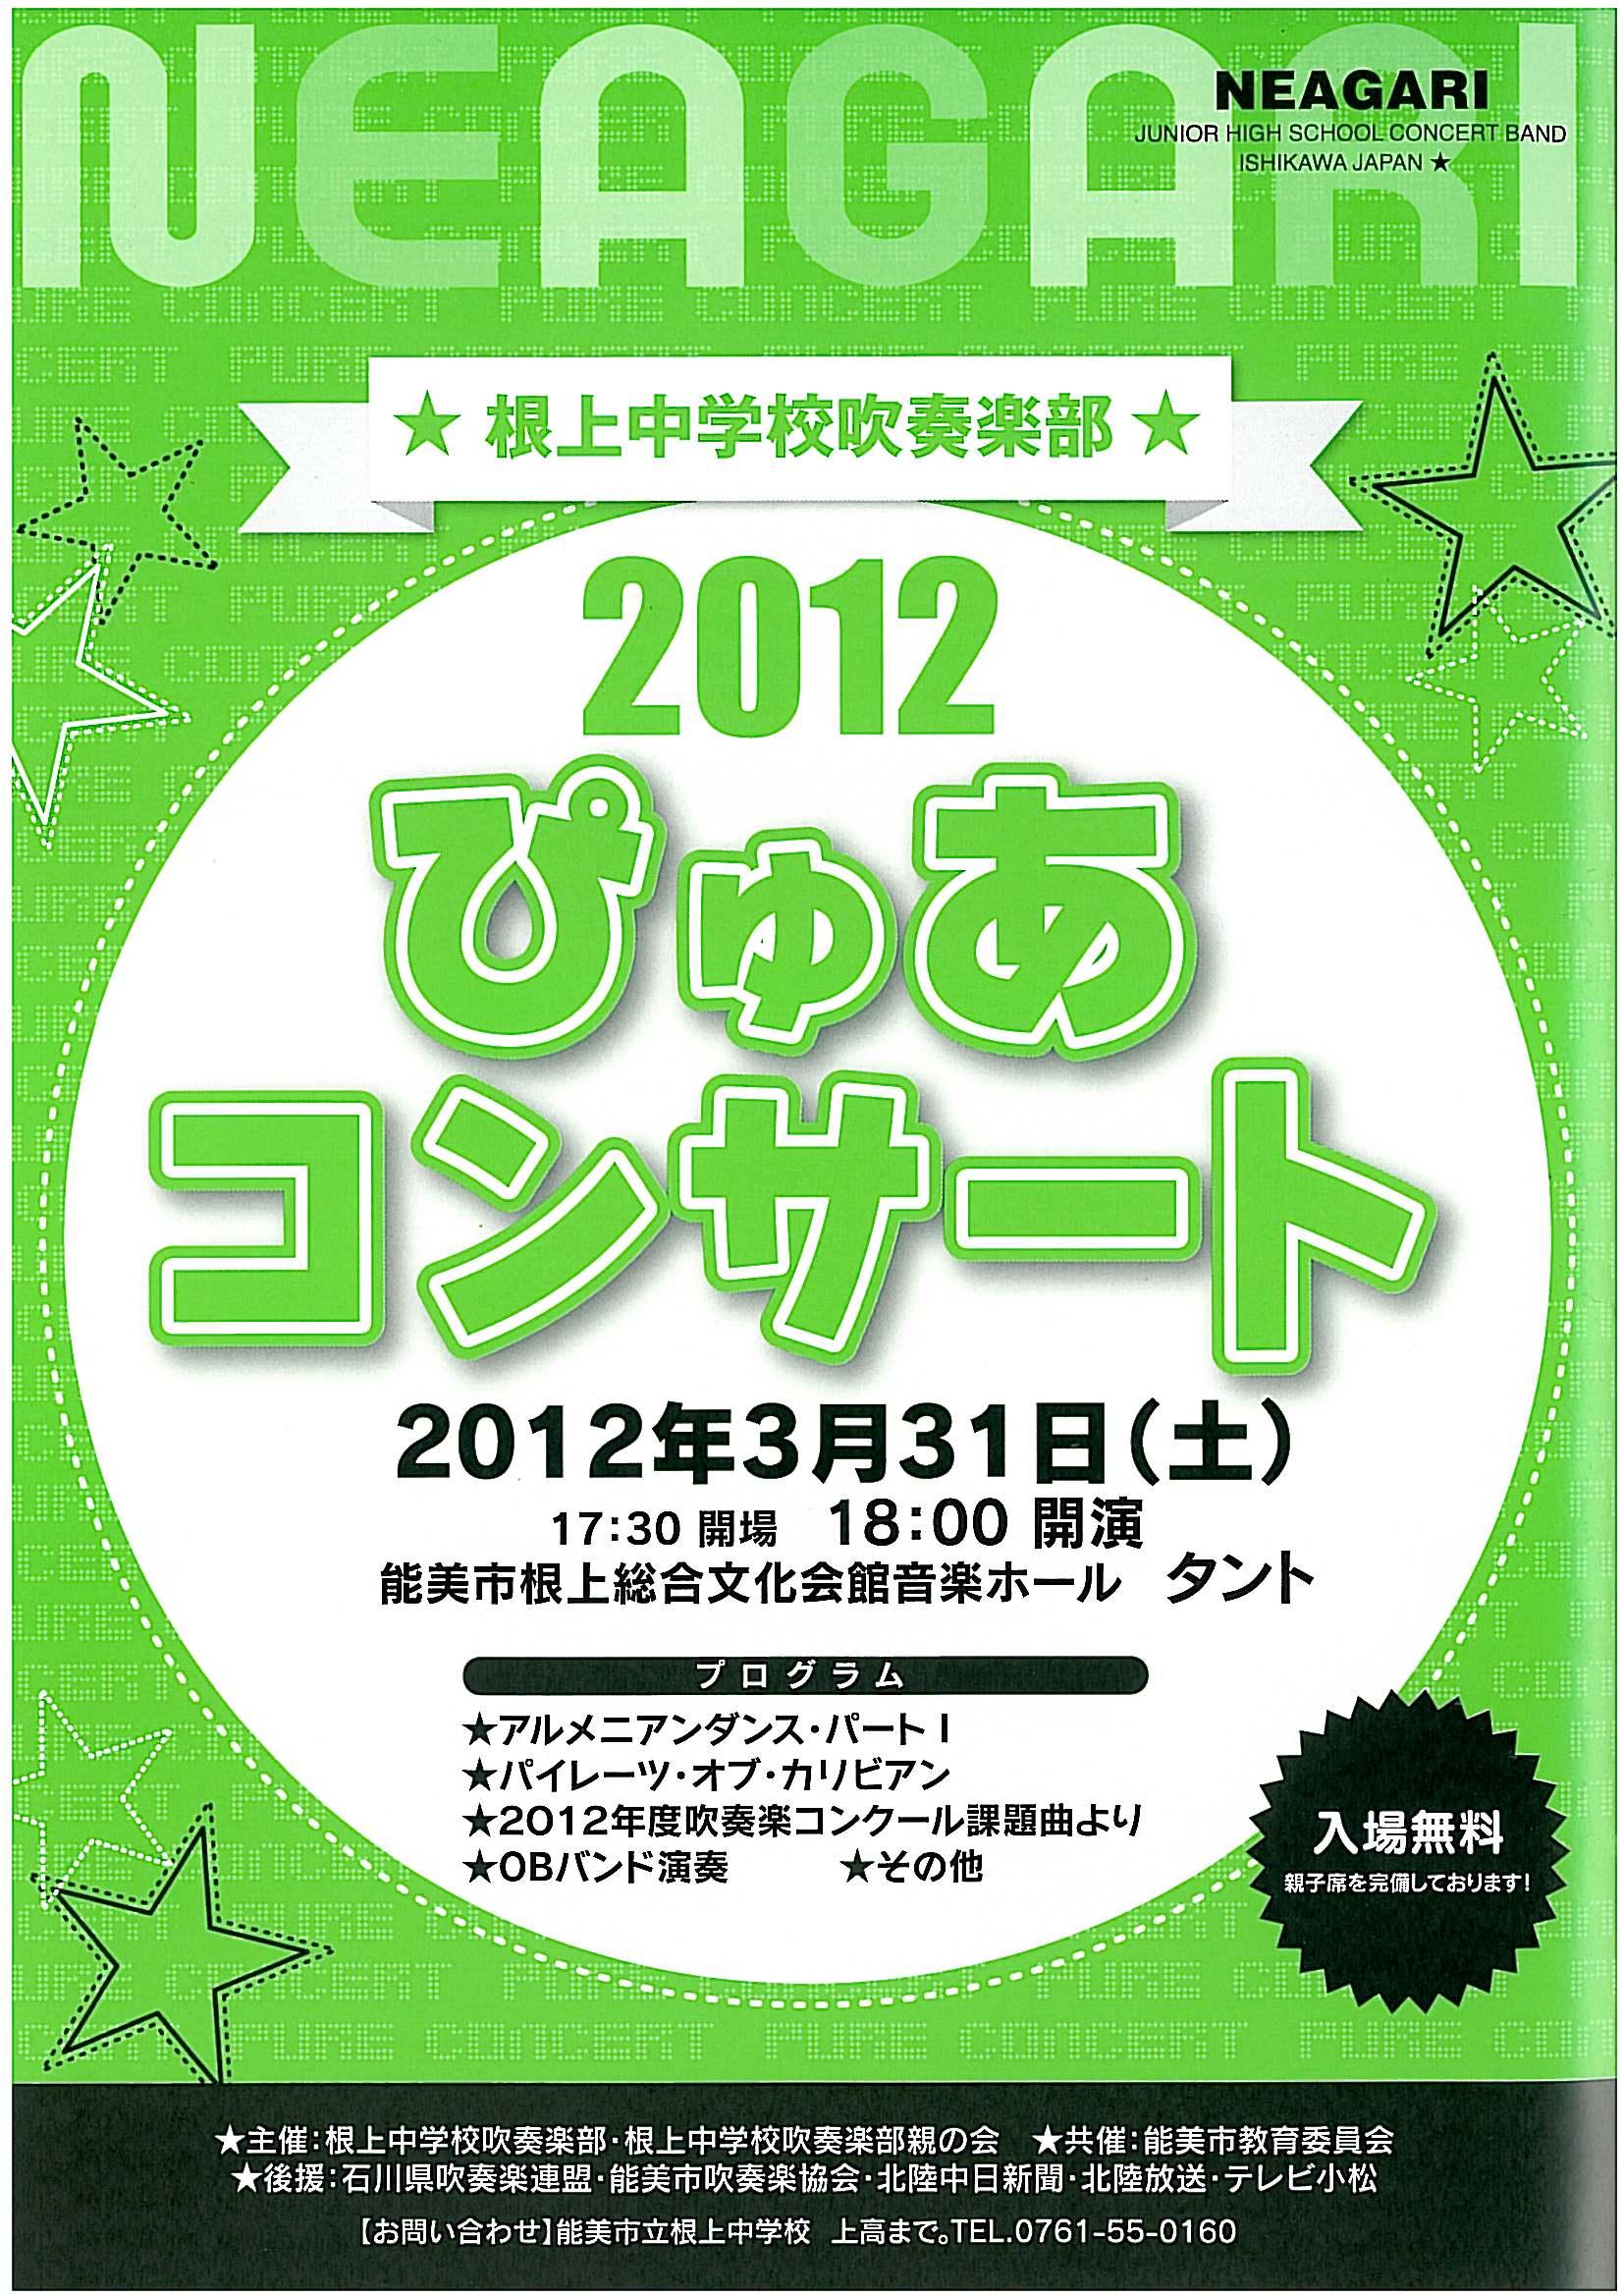 2012 ぴゅあコンサート